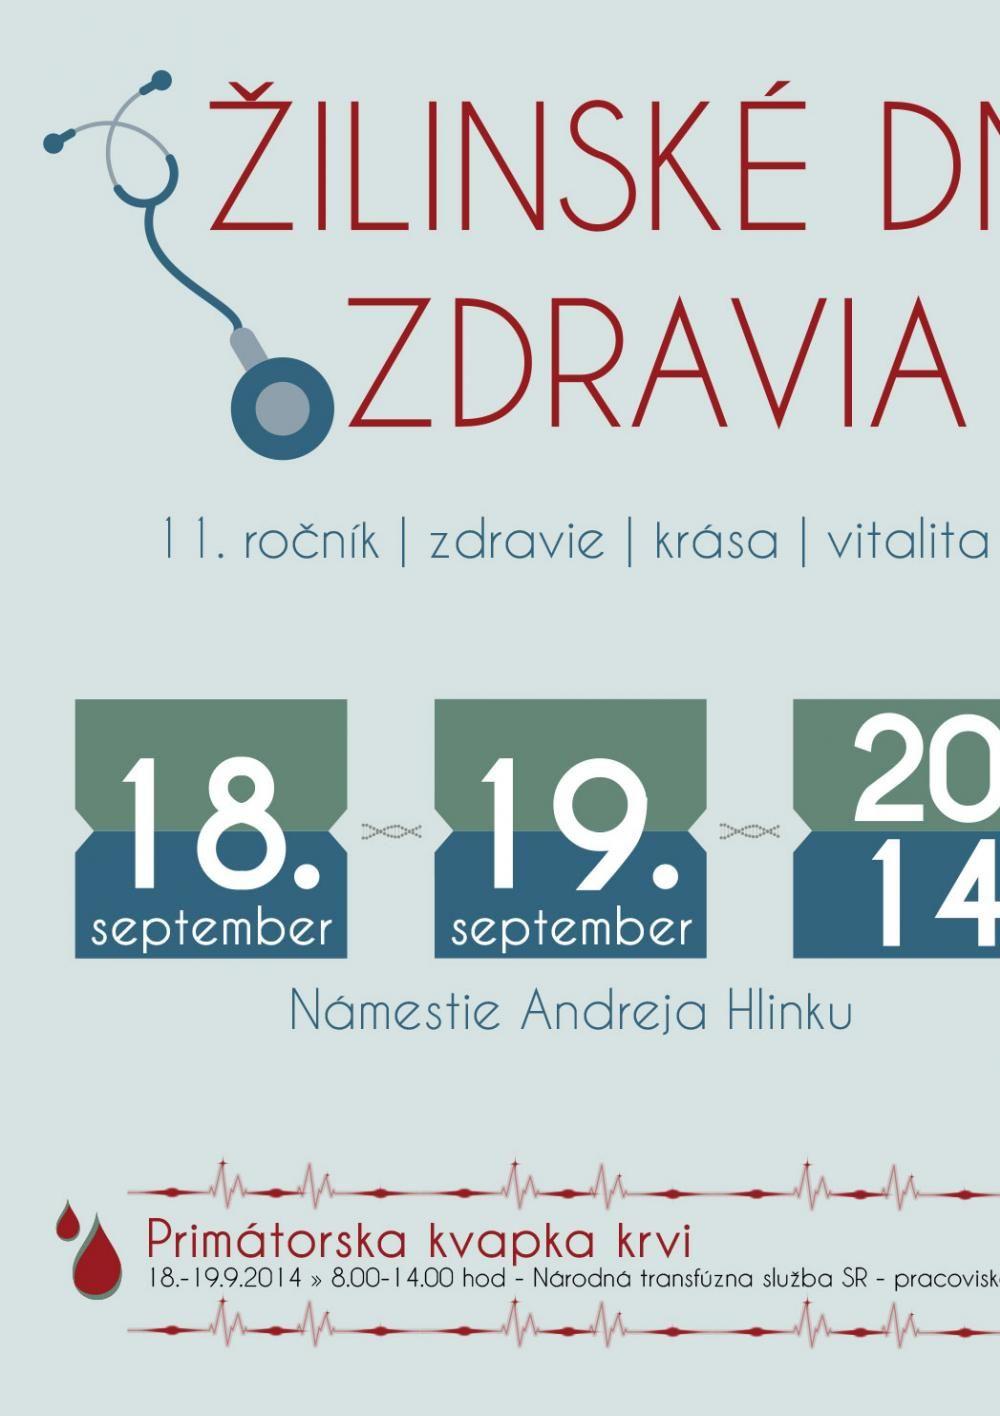 Žilinská plavecká štafeta a Žilinské dni zdravia 2014, foto 1